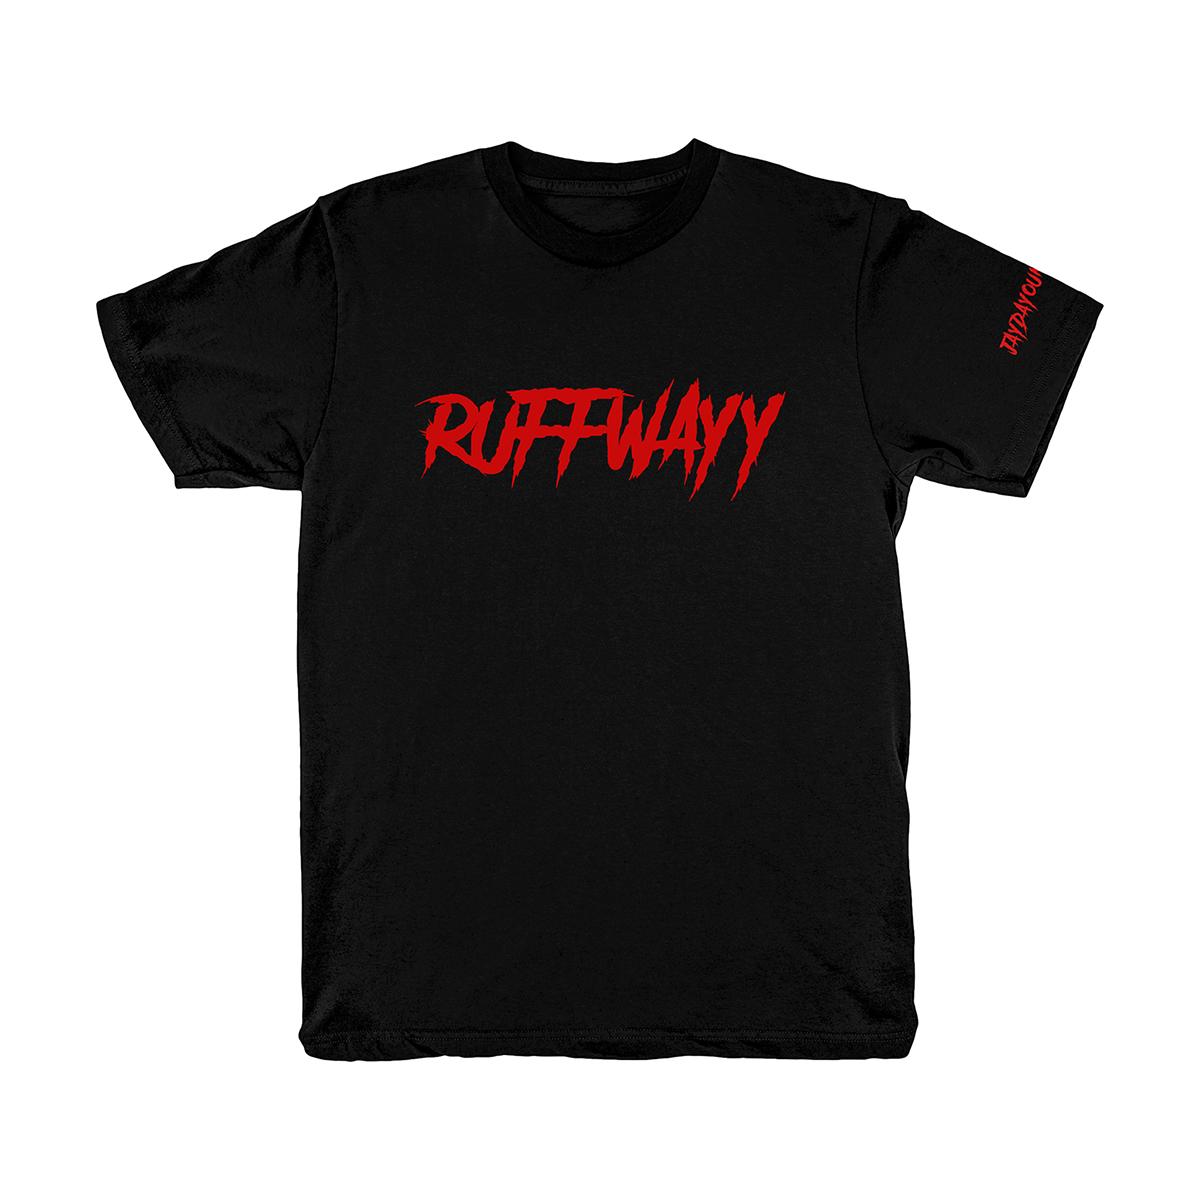 RuffWayy T-Shirt